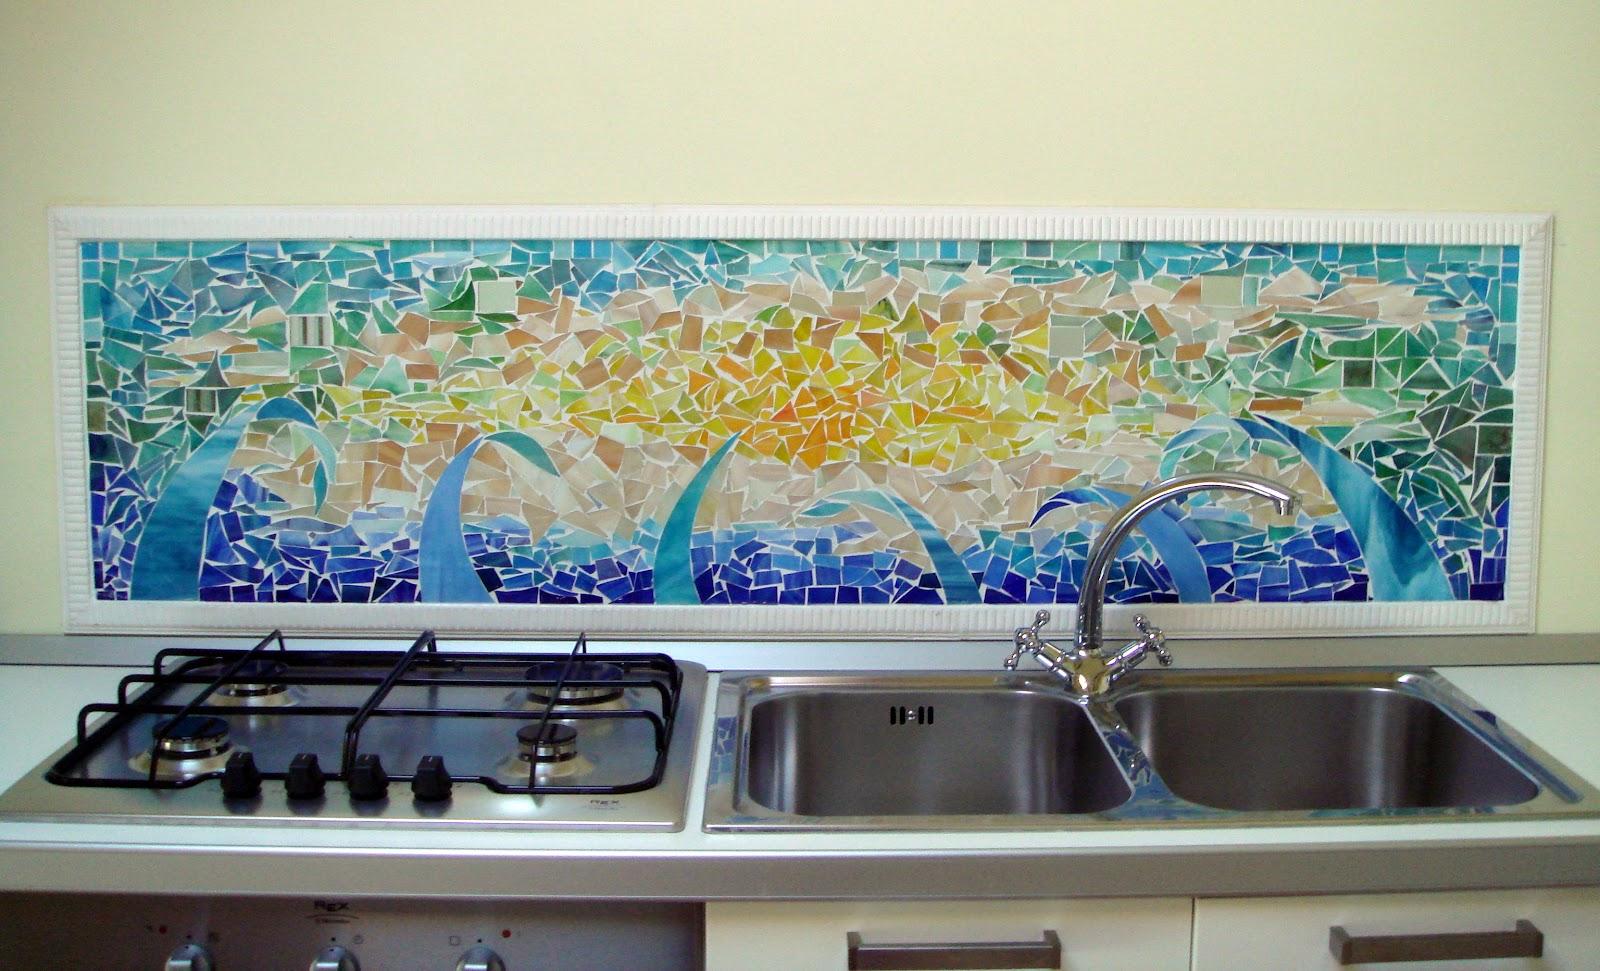 Archi tetti il mosaico di vetro